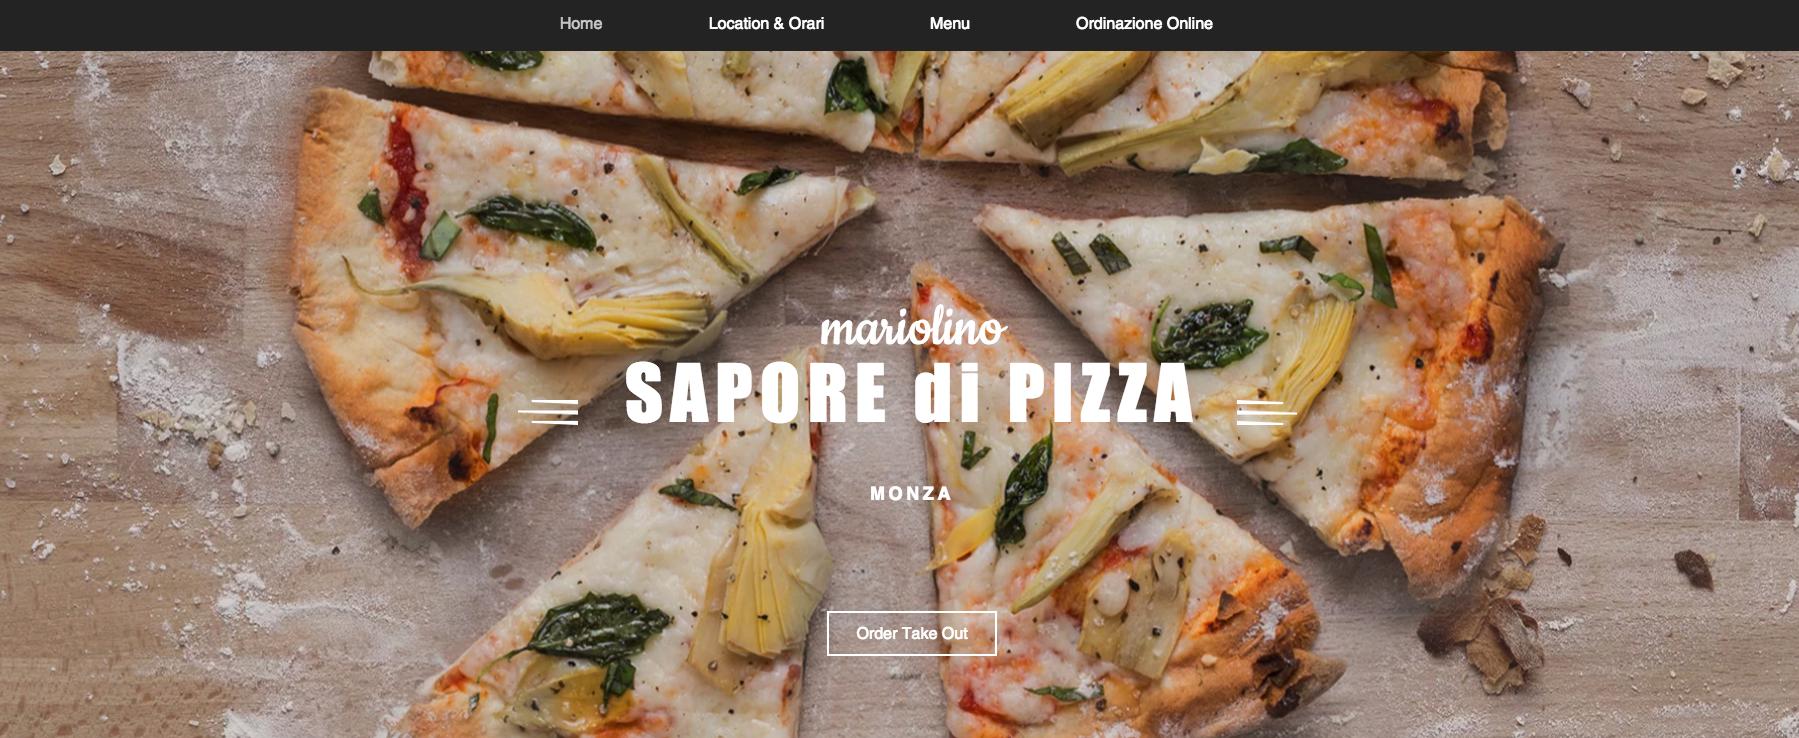 SAPORE DI PIZZA